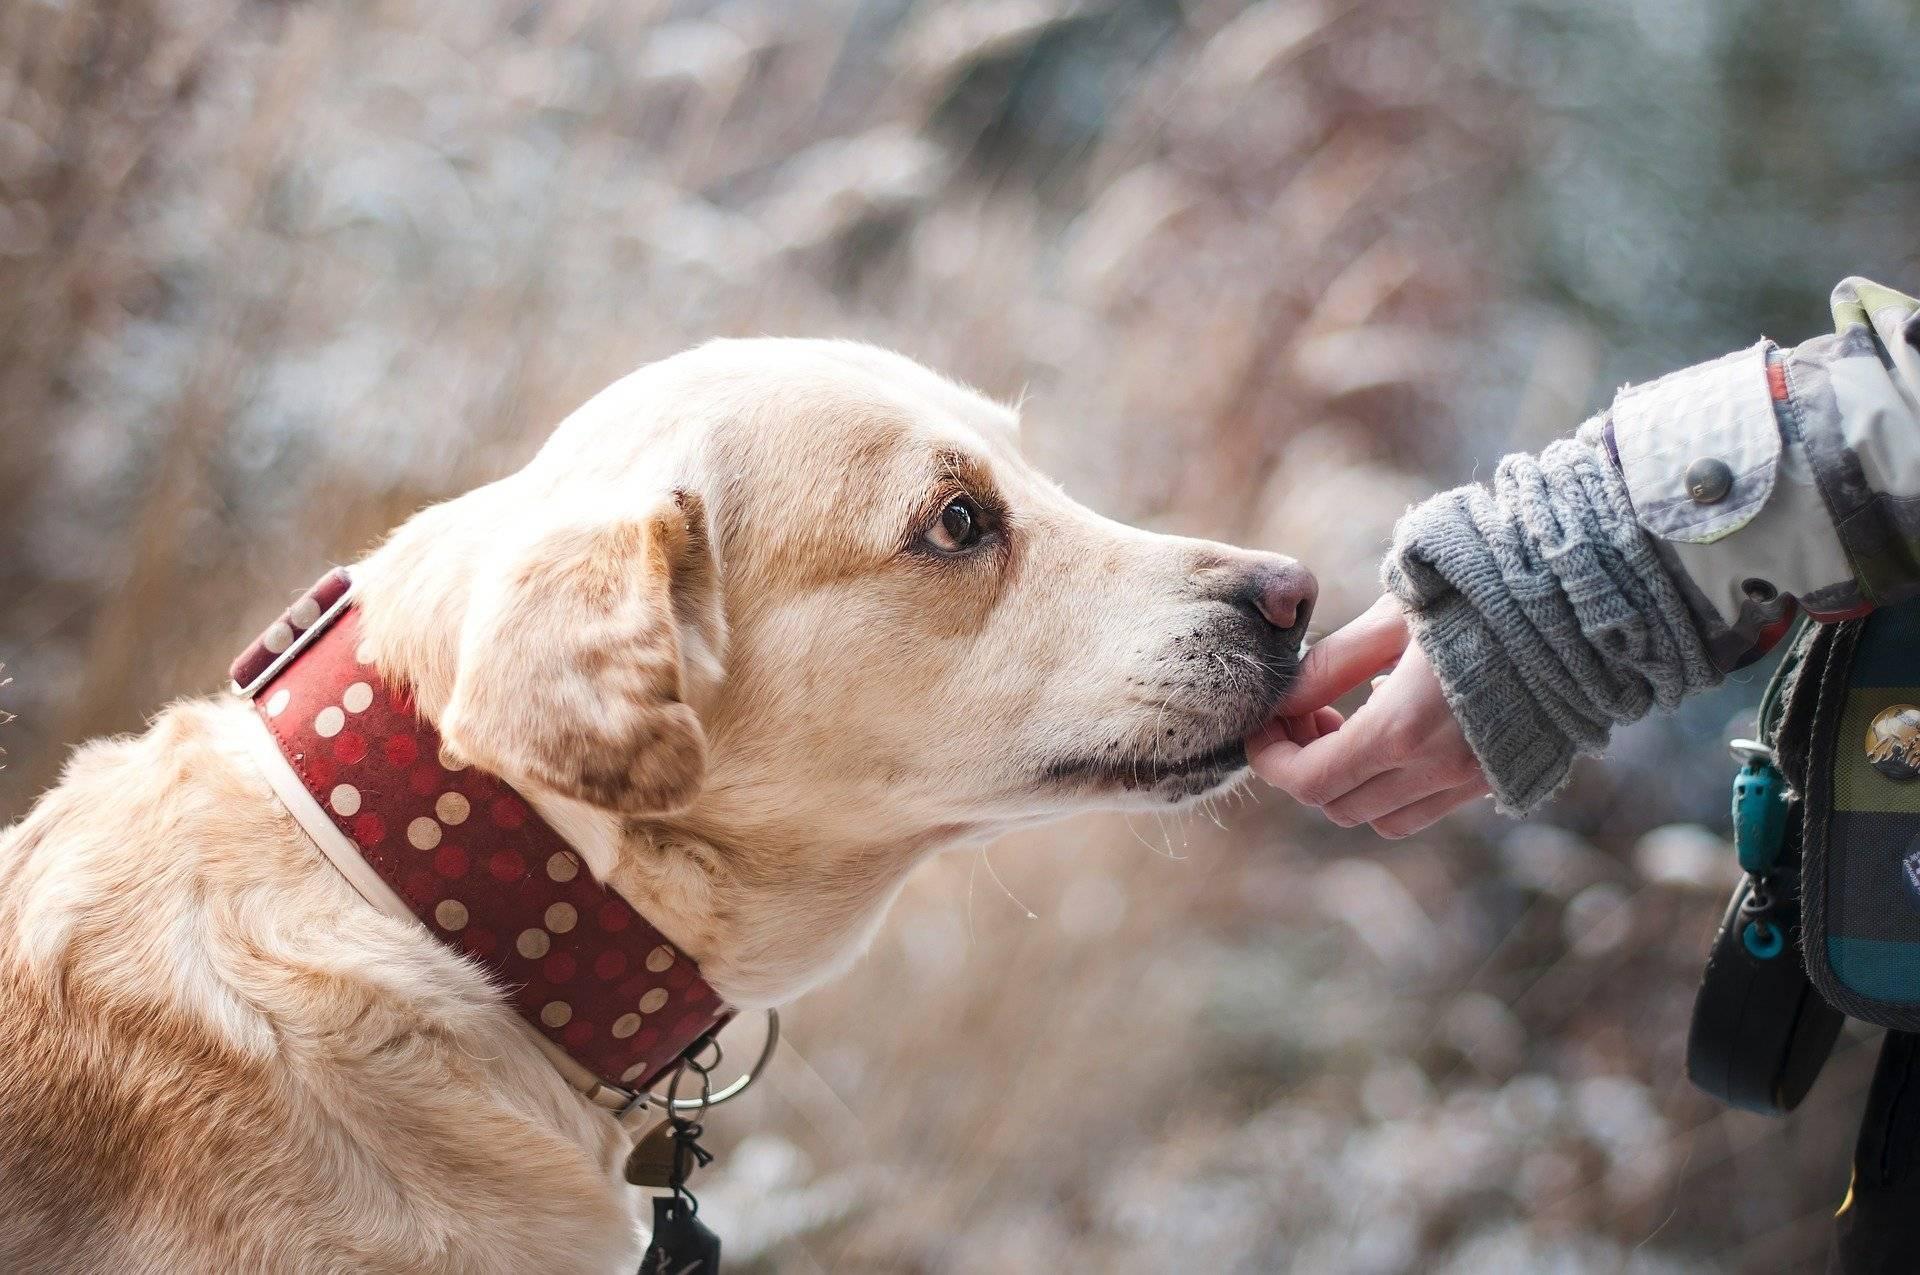 Cel mai important salvator al unei bătrâne a fost chiar propriul câine. Animalul i-a rămas alături aproape 30 de ore